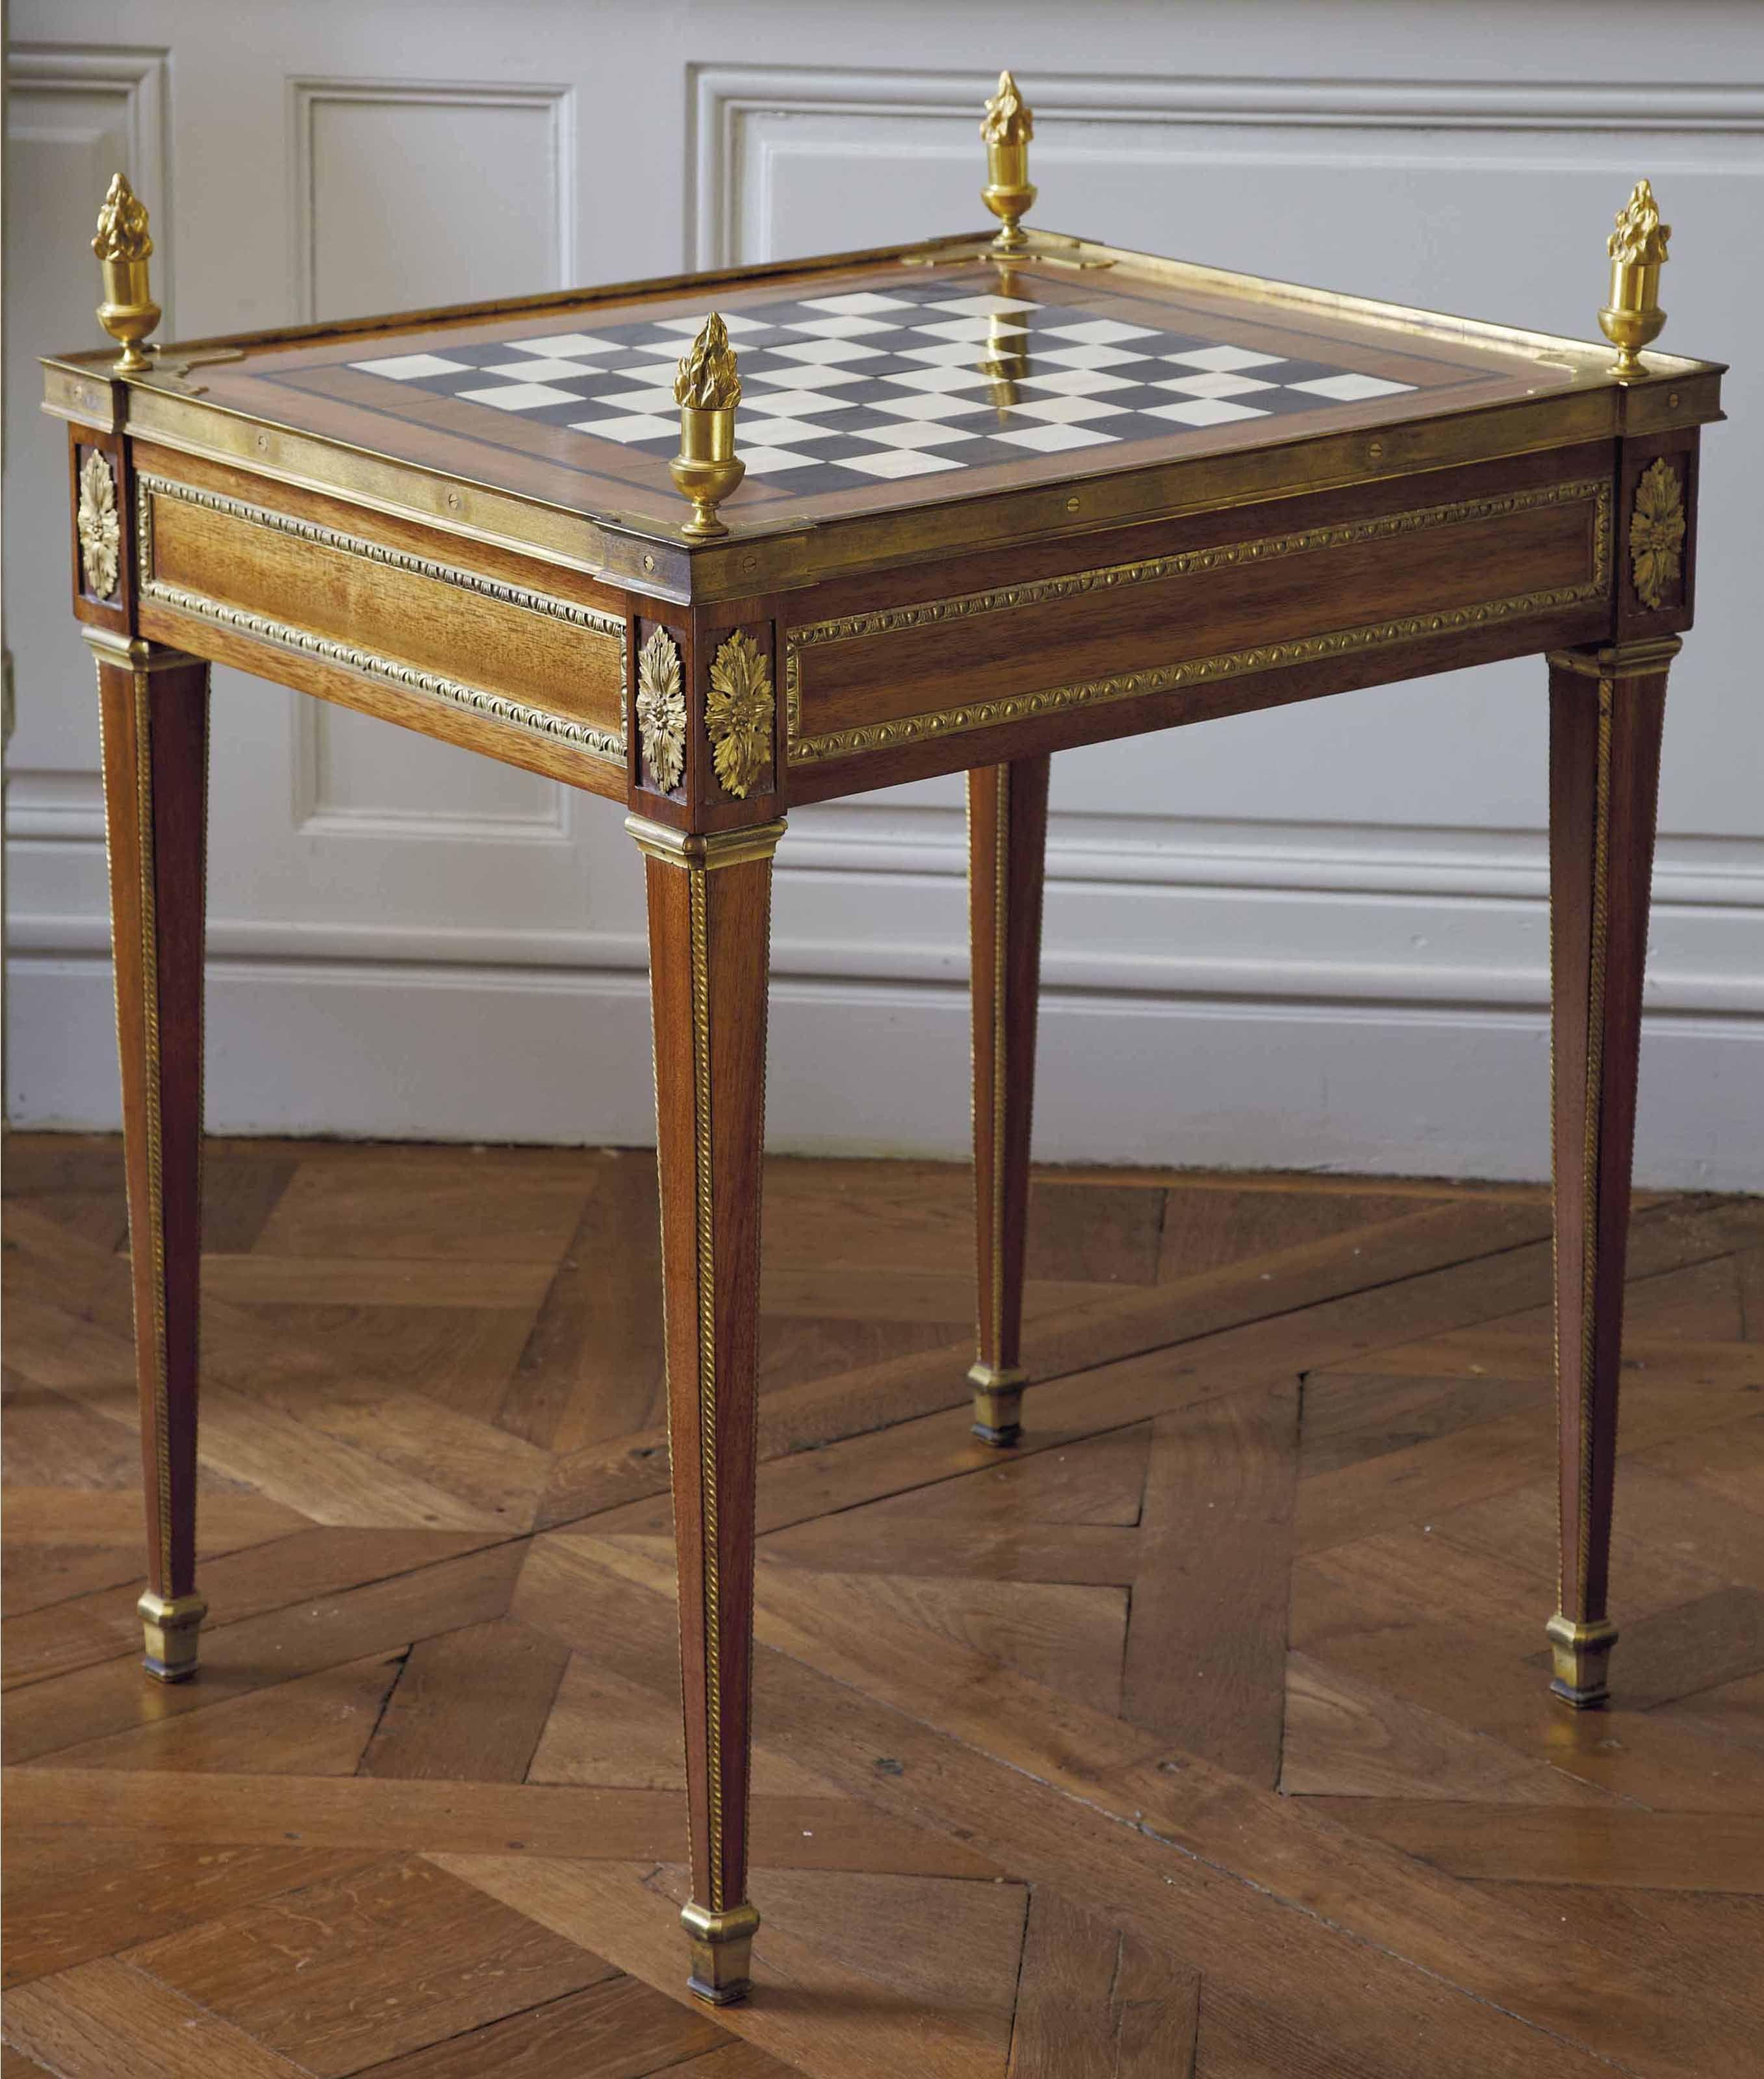 Date Unspecified Table A Jeux D Epoque Louis Xvi Estampille De Potarange Dernier Quart Du Xviiie Siecle Price Realised Eur 27 500 Mobel